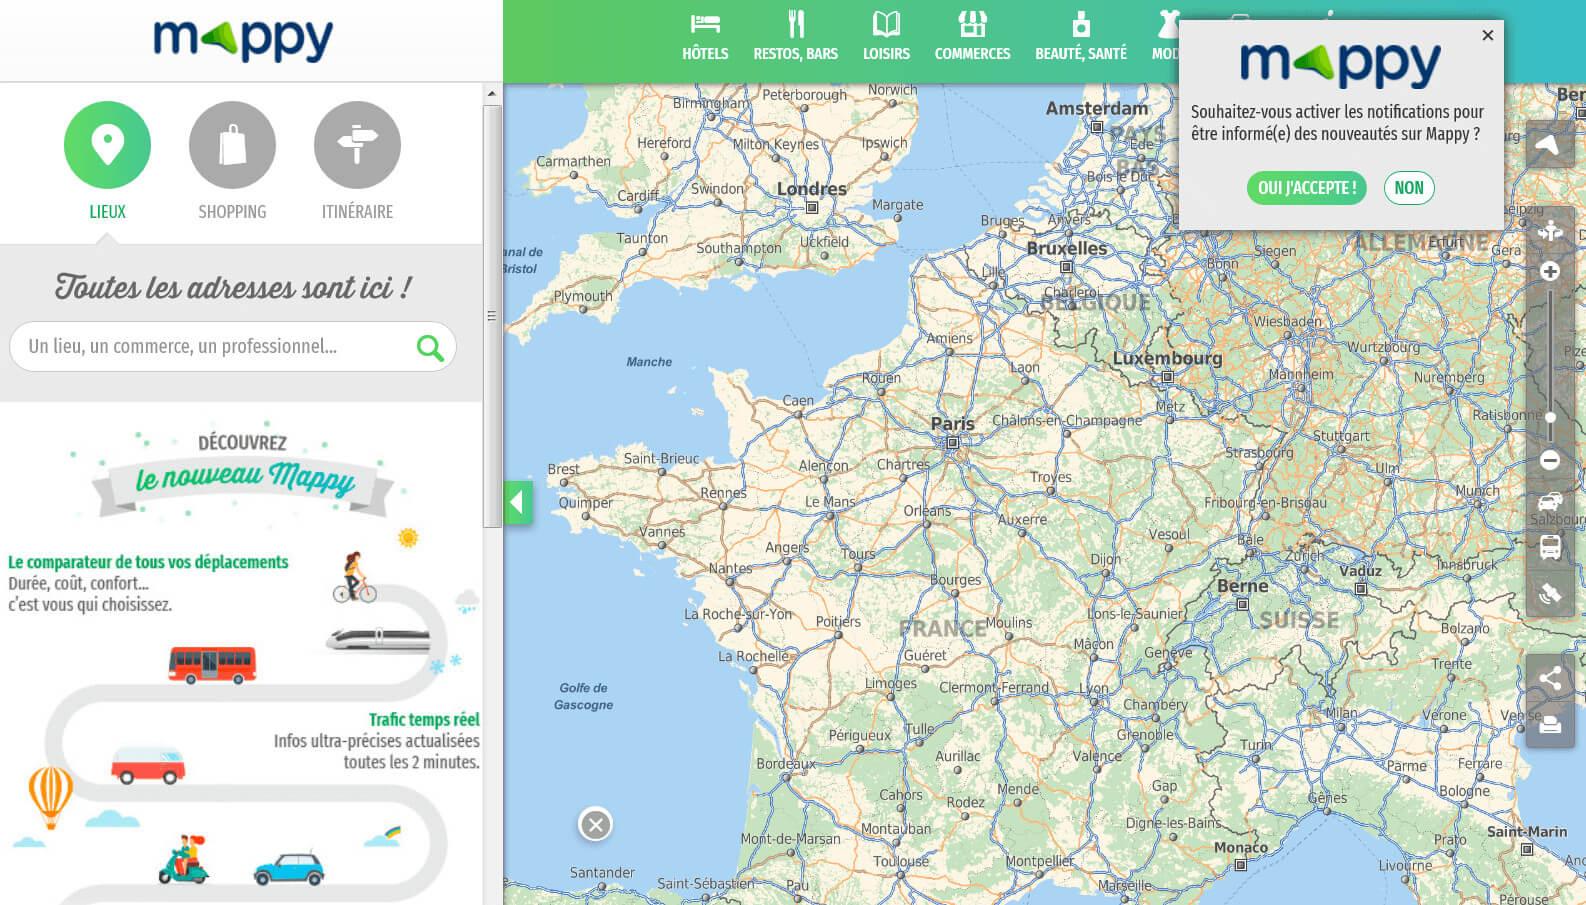 Mappy: Plans, itinéraires et cartes de France